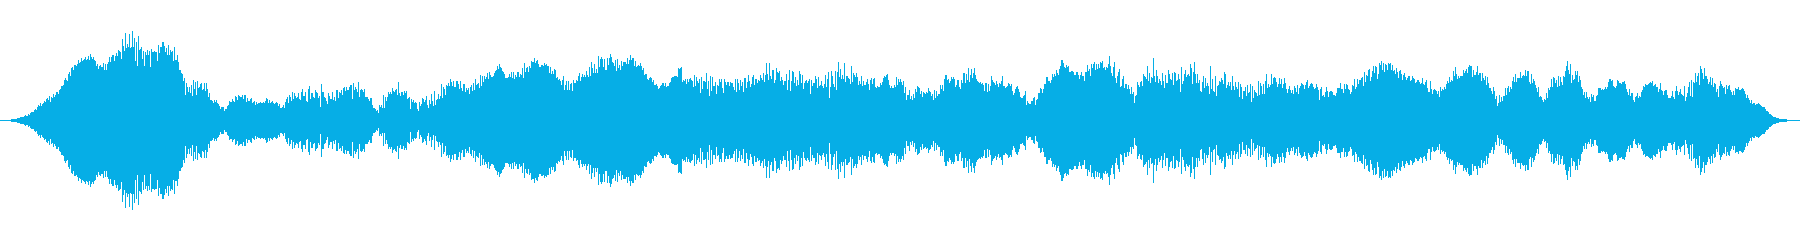 ドローン コンピュータービープバッ...の再生済みの波形